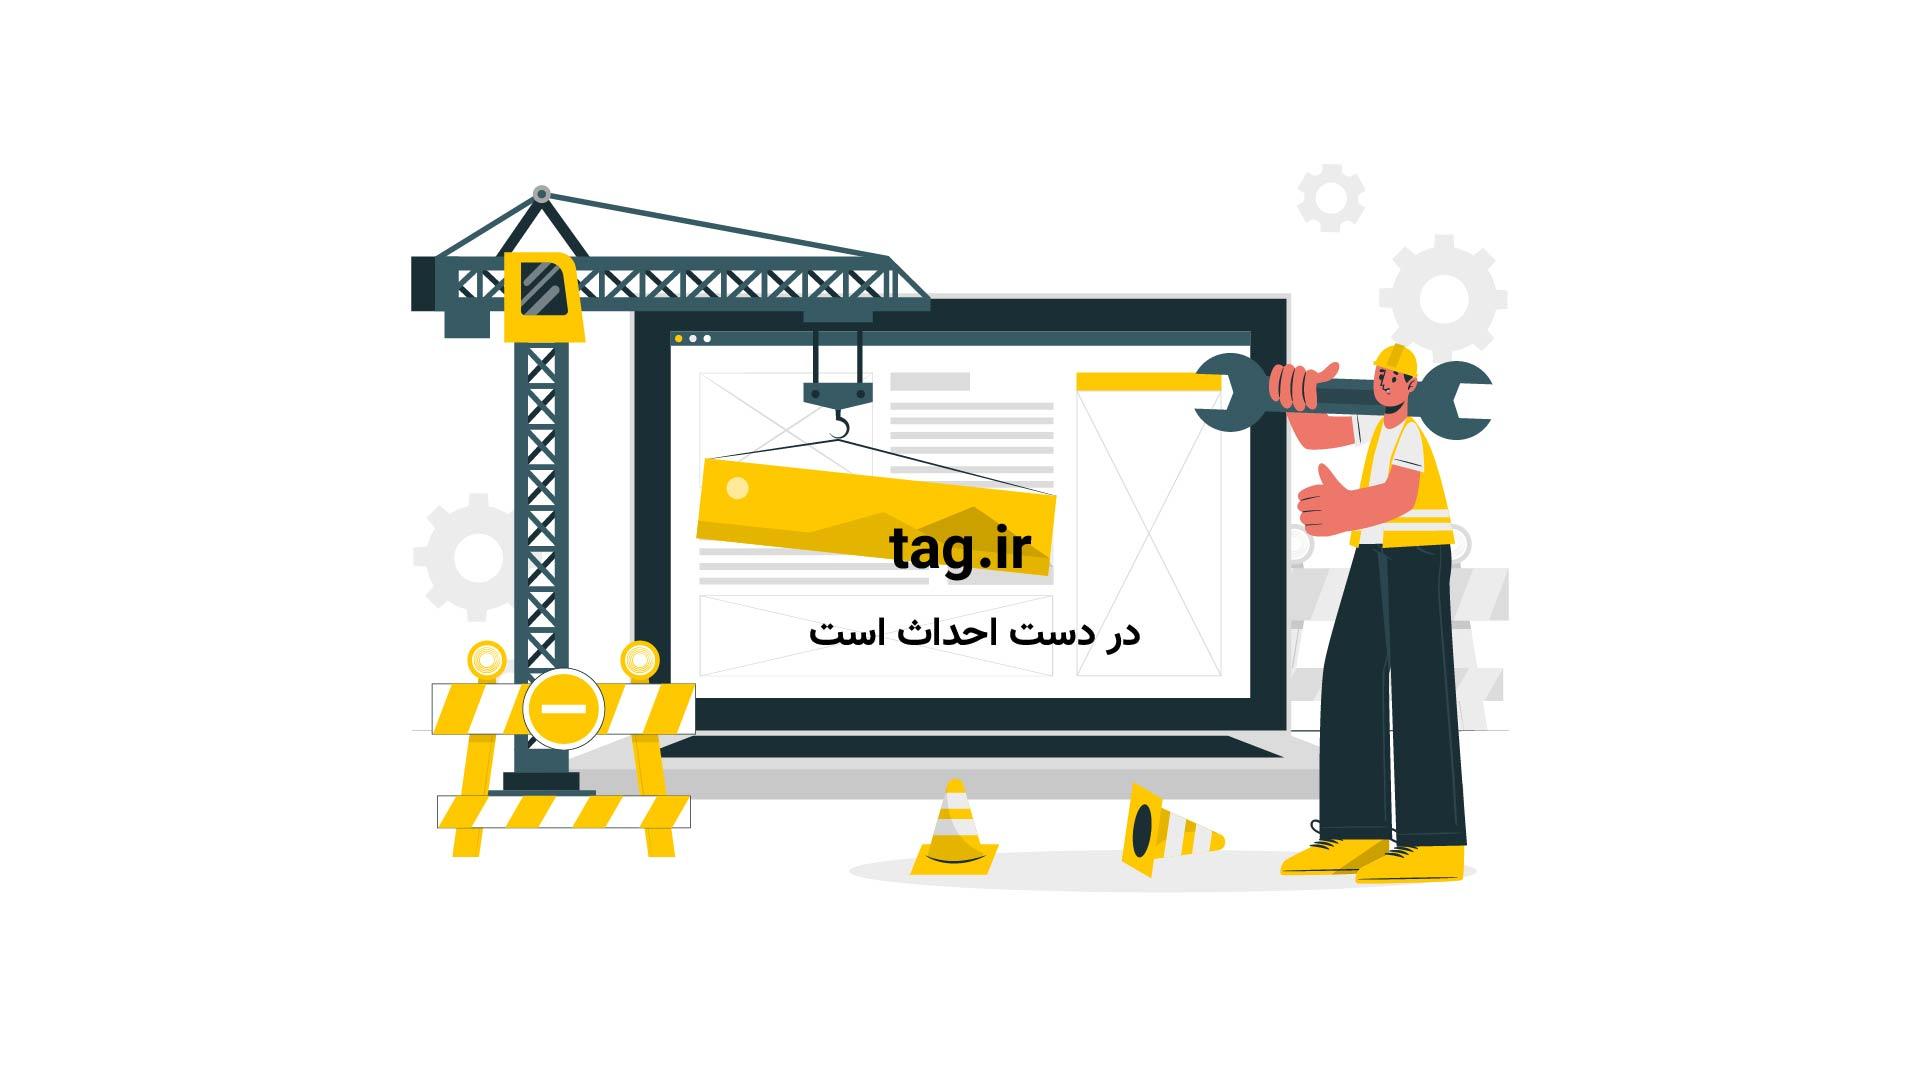 ارتفاعات کامرون از جاذبههای گردشگری مالزی | فیلم